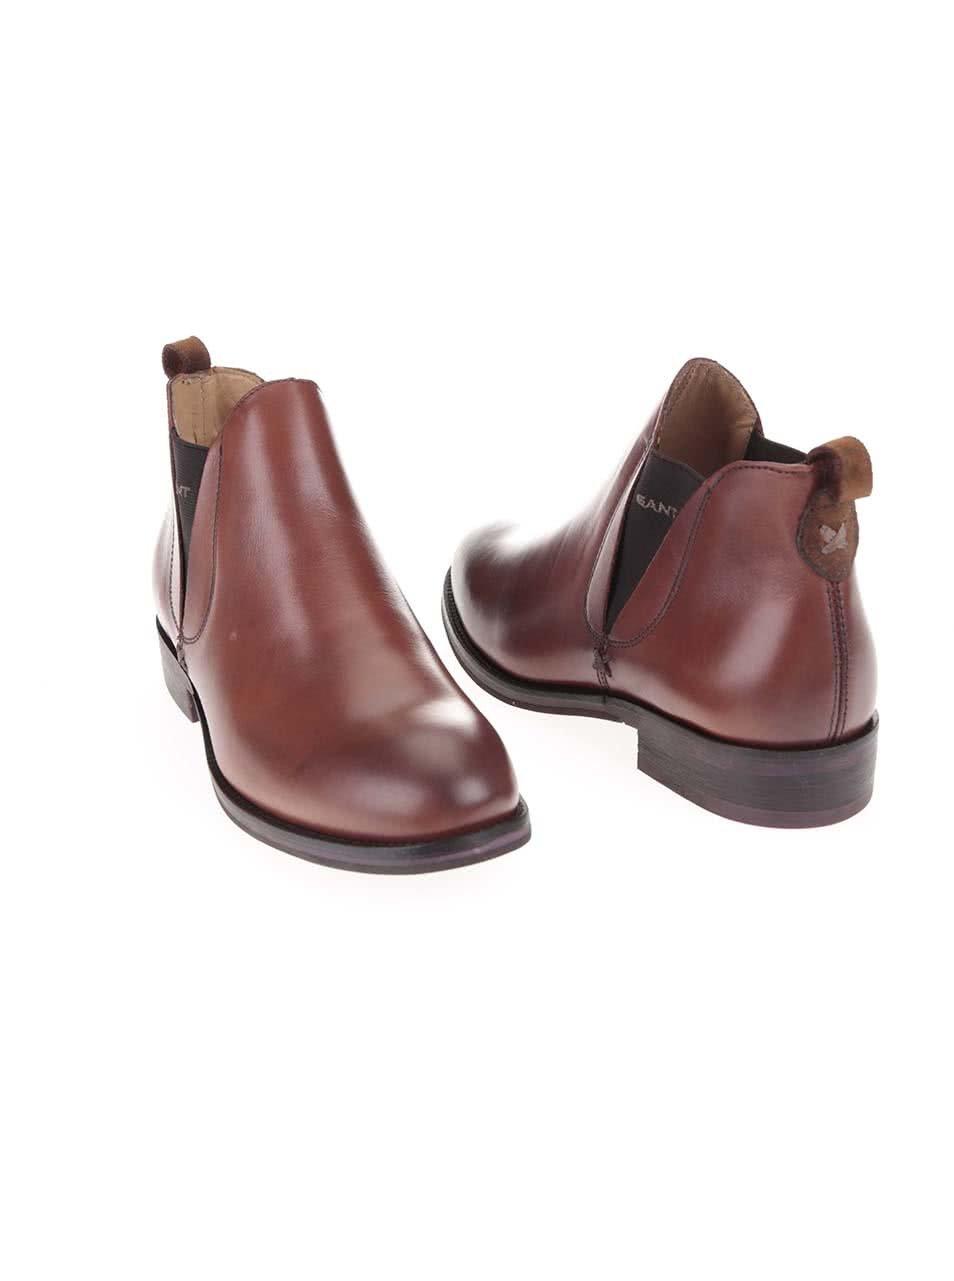 Hnedé dámske členkové topánky Gant Avery ... 5a1af77ec7e